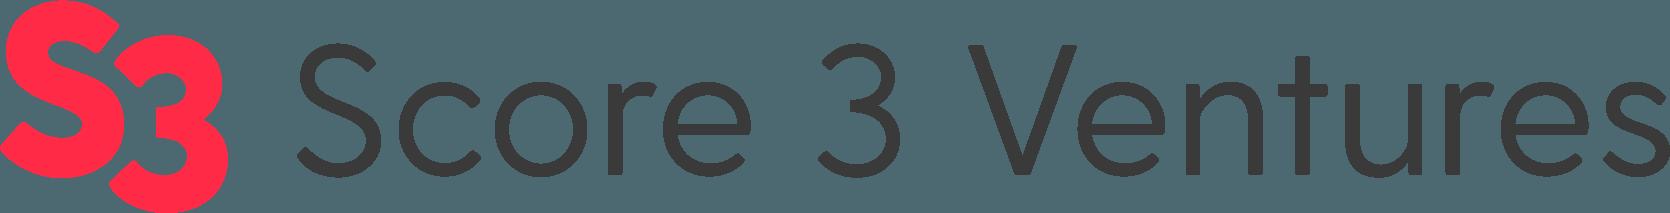 Score 3 Ventures